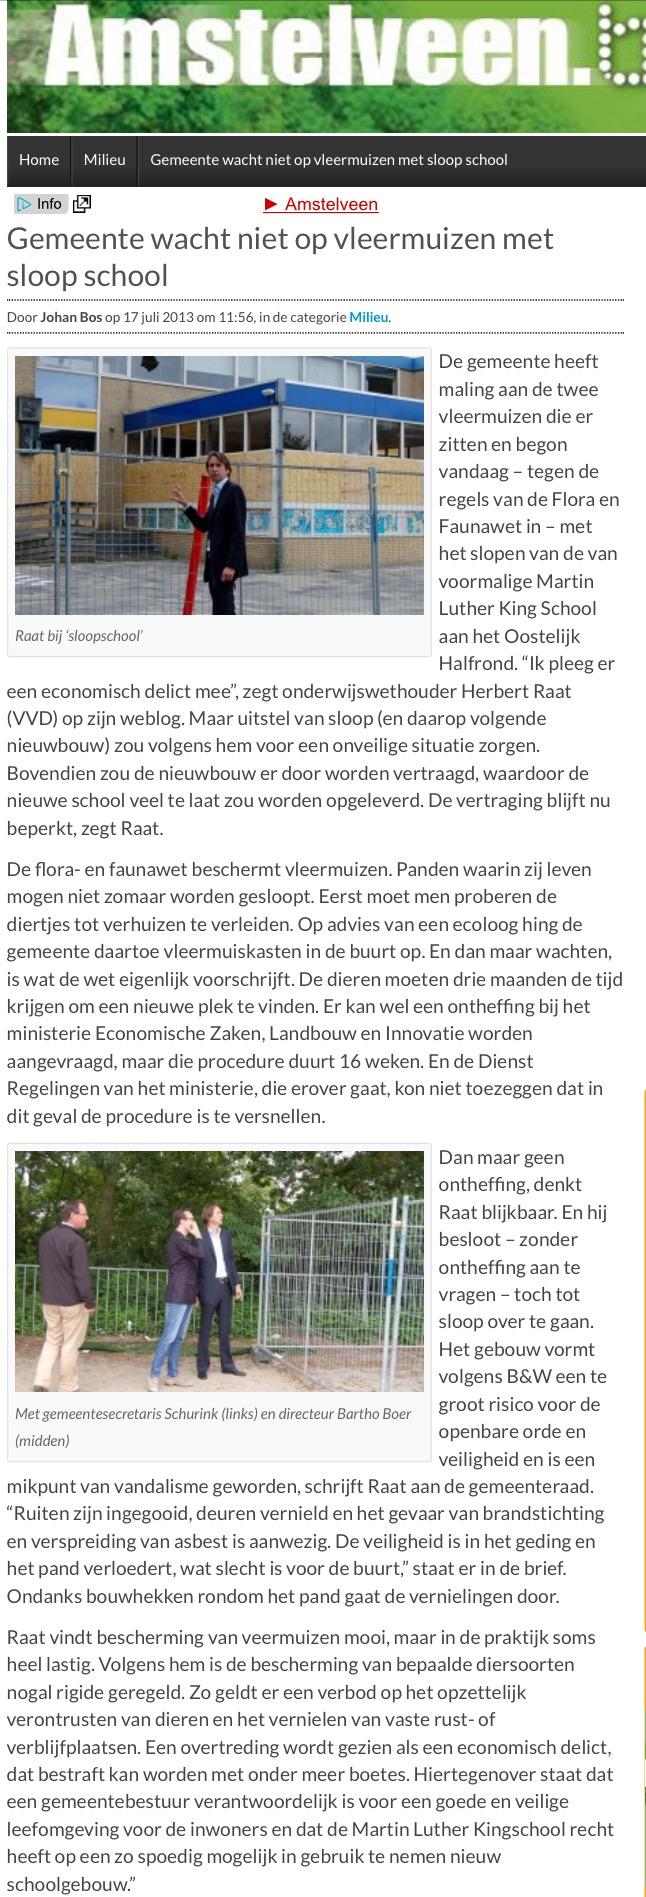 2013-17-3; Amstelveenblog.nl; over waarom Herbert Raat school sloopt ondanks vleermuizen